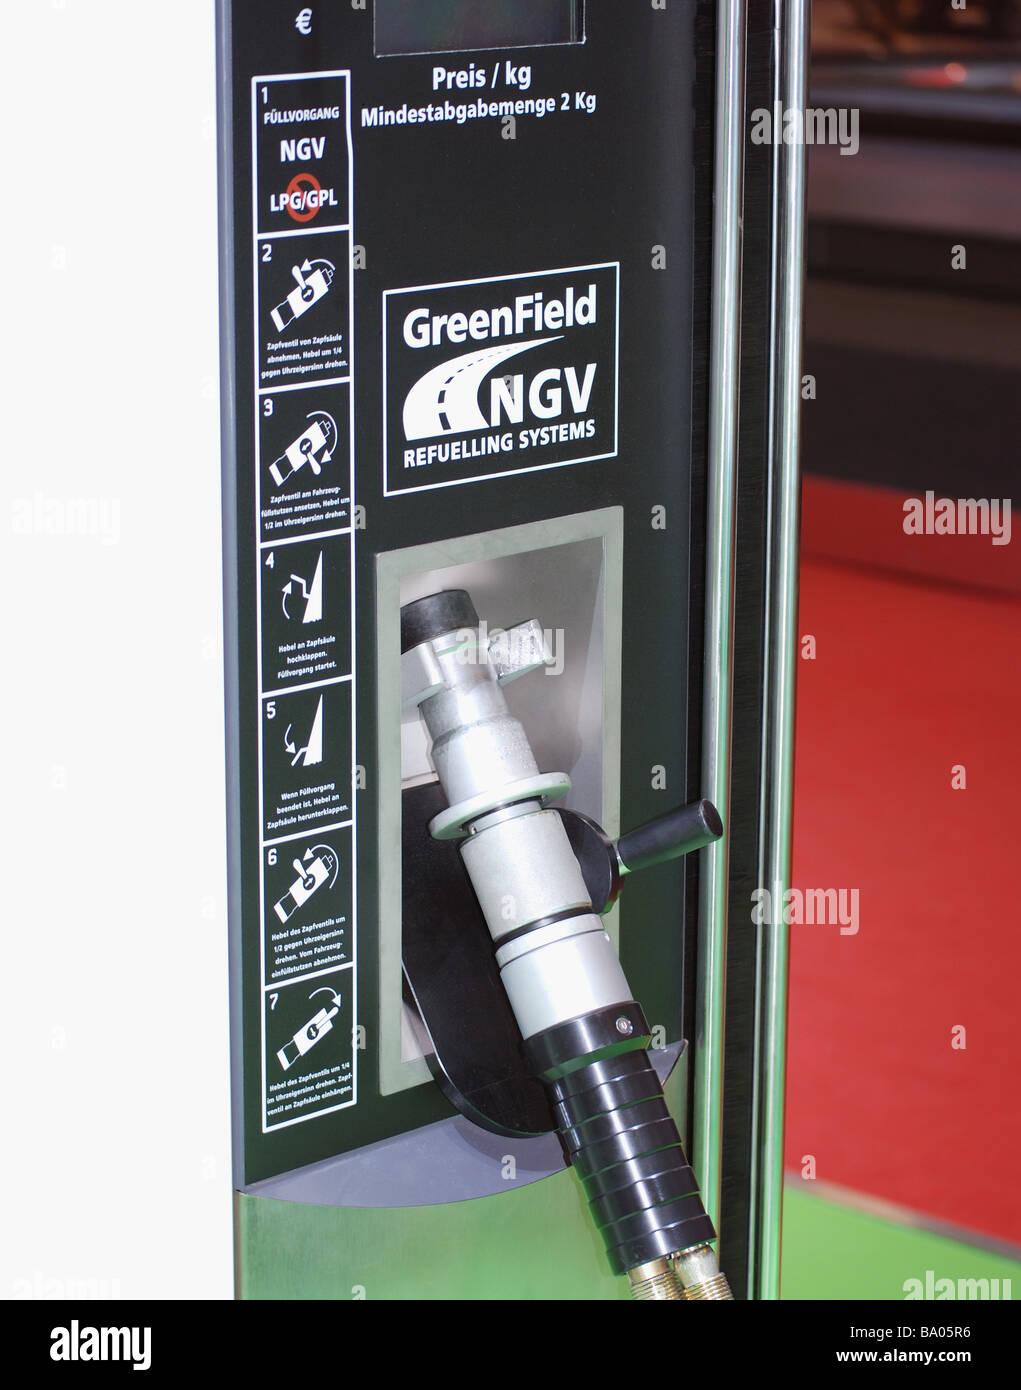 Attrezzature per i rifornimenti di carburante per emissioni zero, combustibile alternativo automobile ibrida Immagini Stock